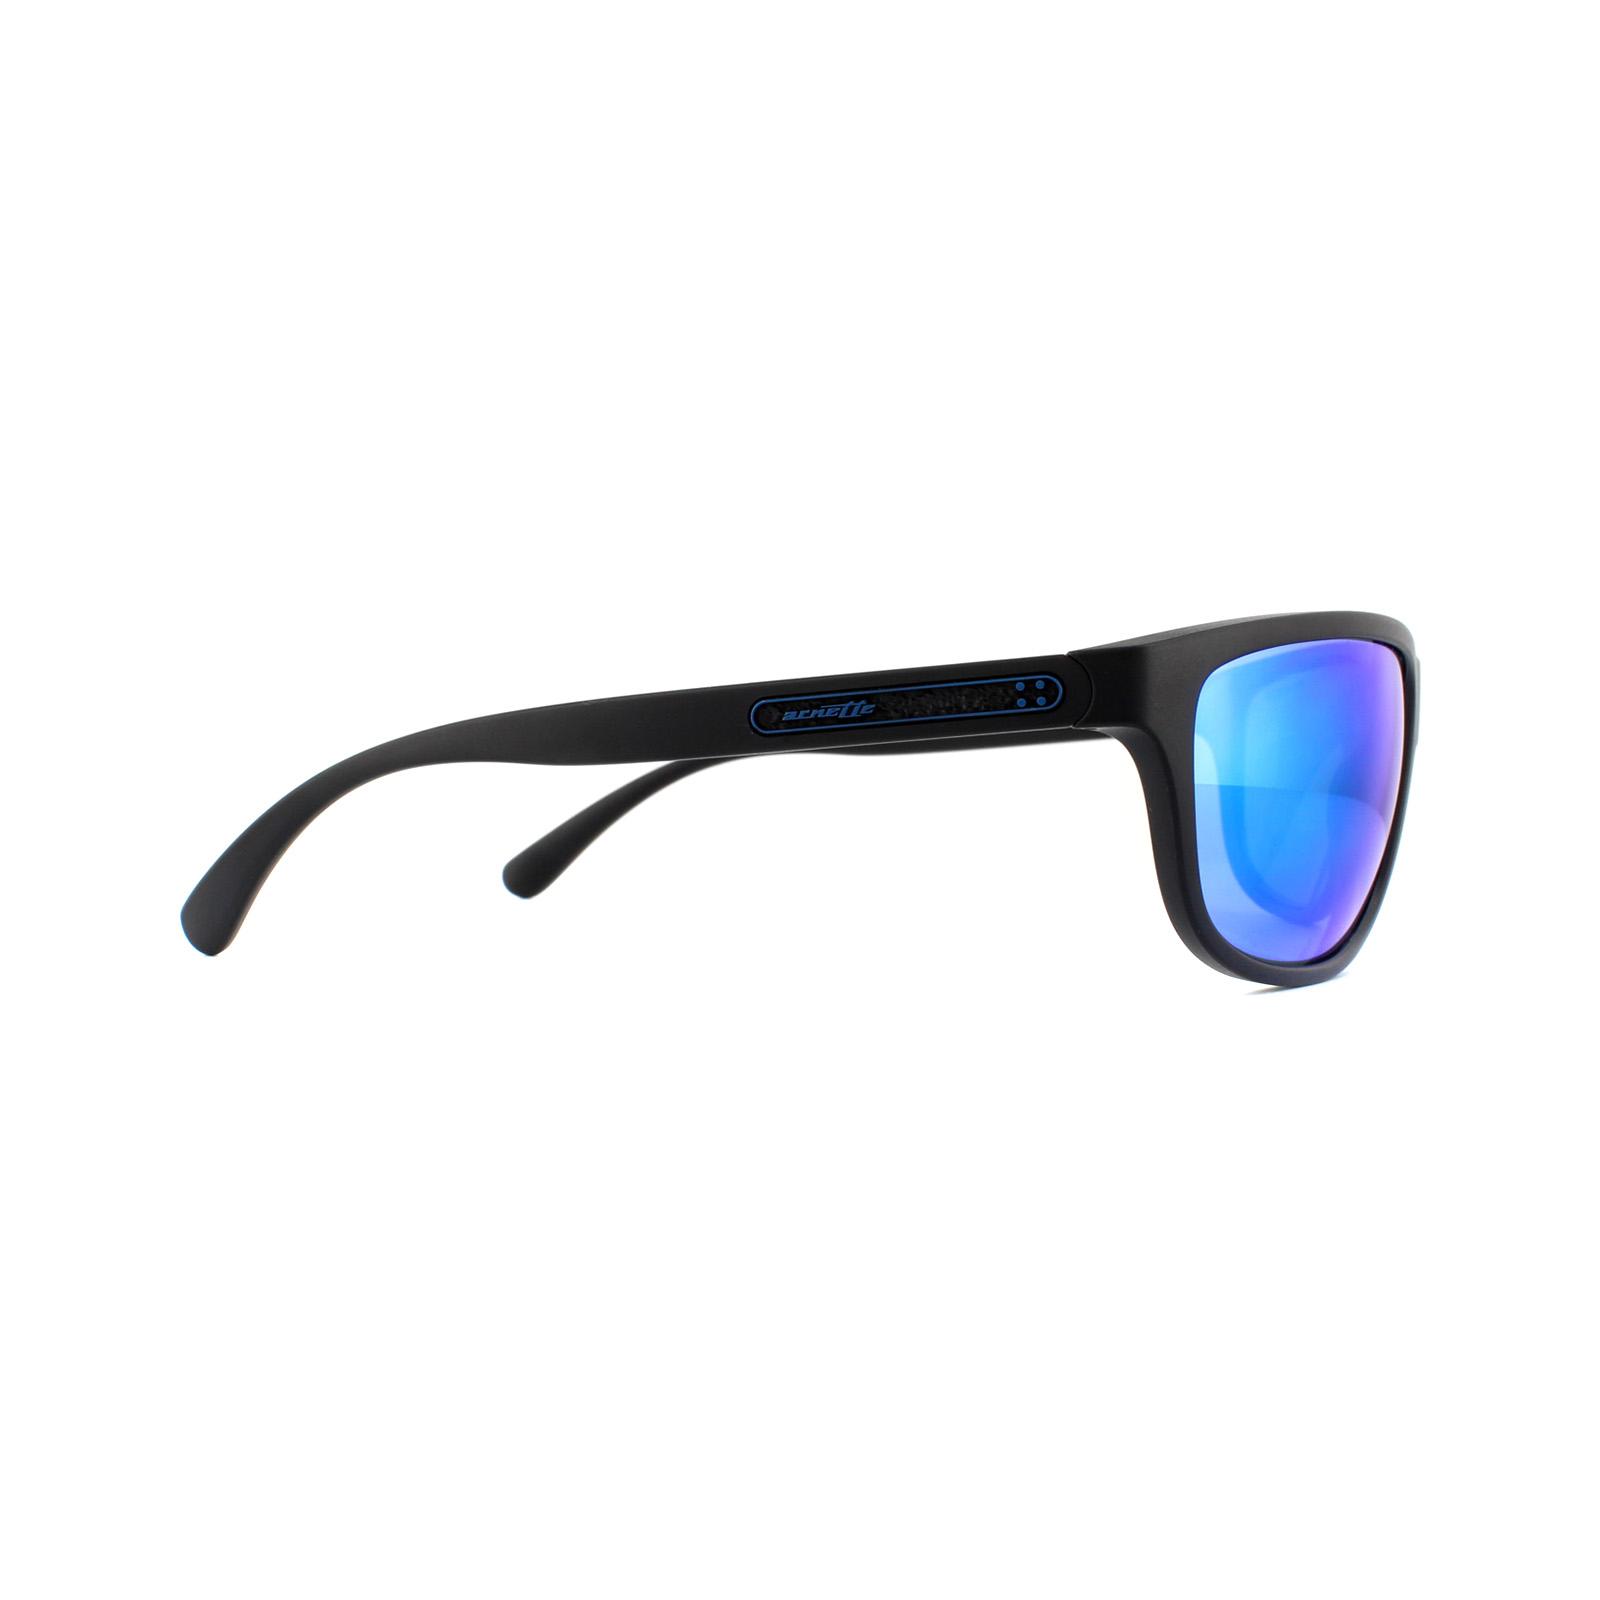 b509431108 Sentinel Arnette Sunglasses Grip Tape 4246 01/25 Matte Black Green Mirror  Light Blue